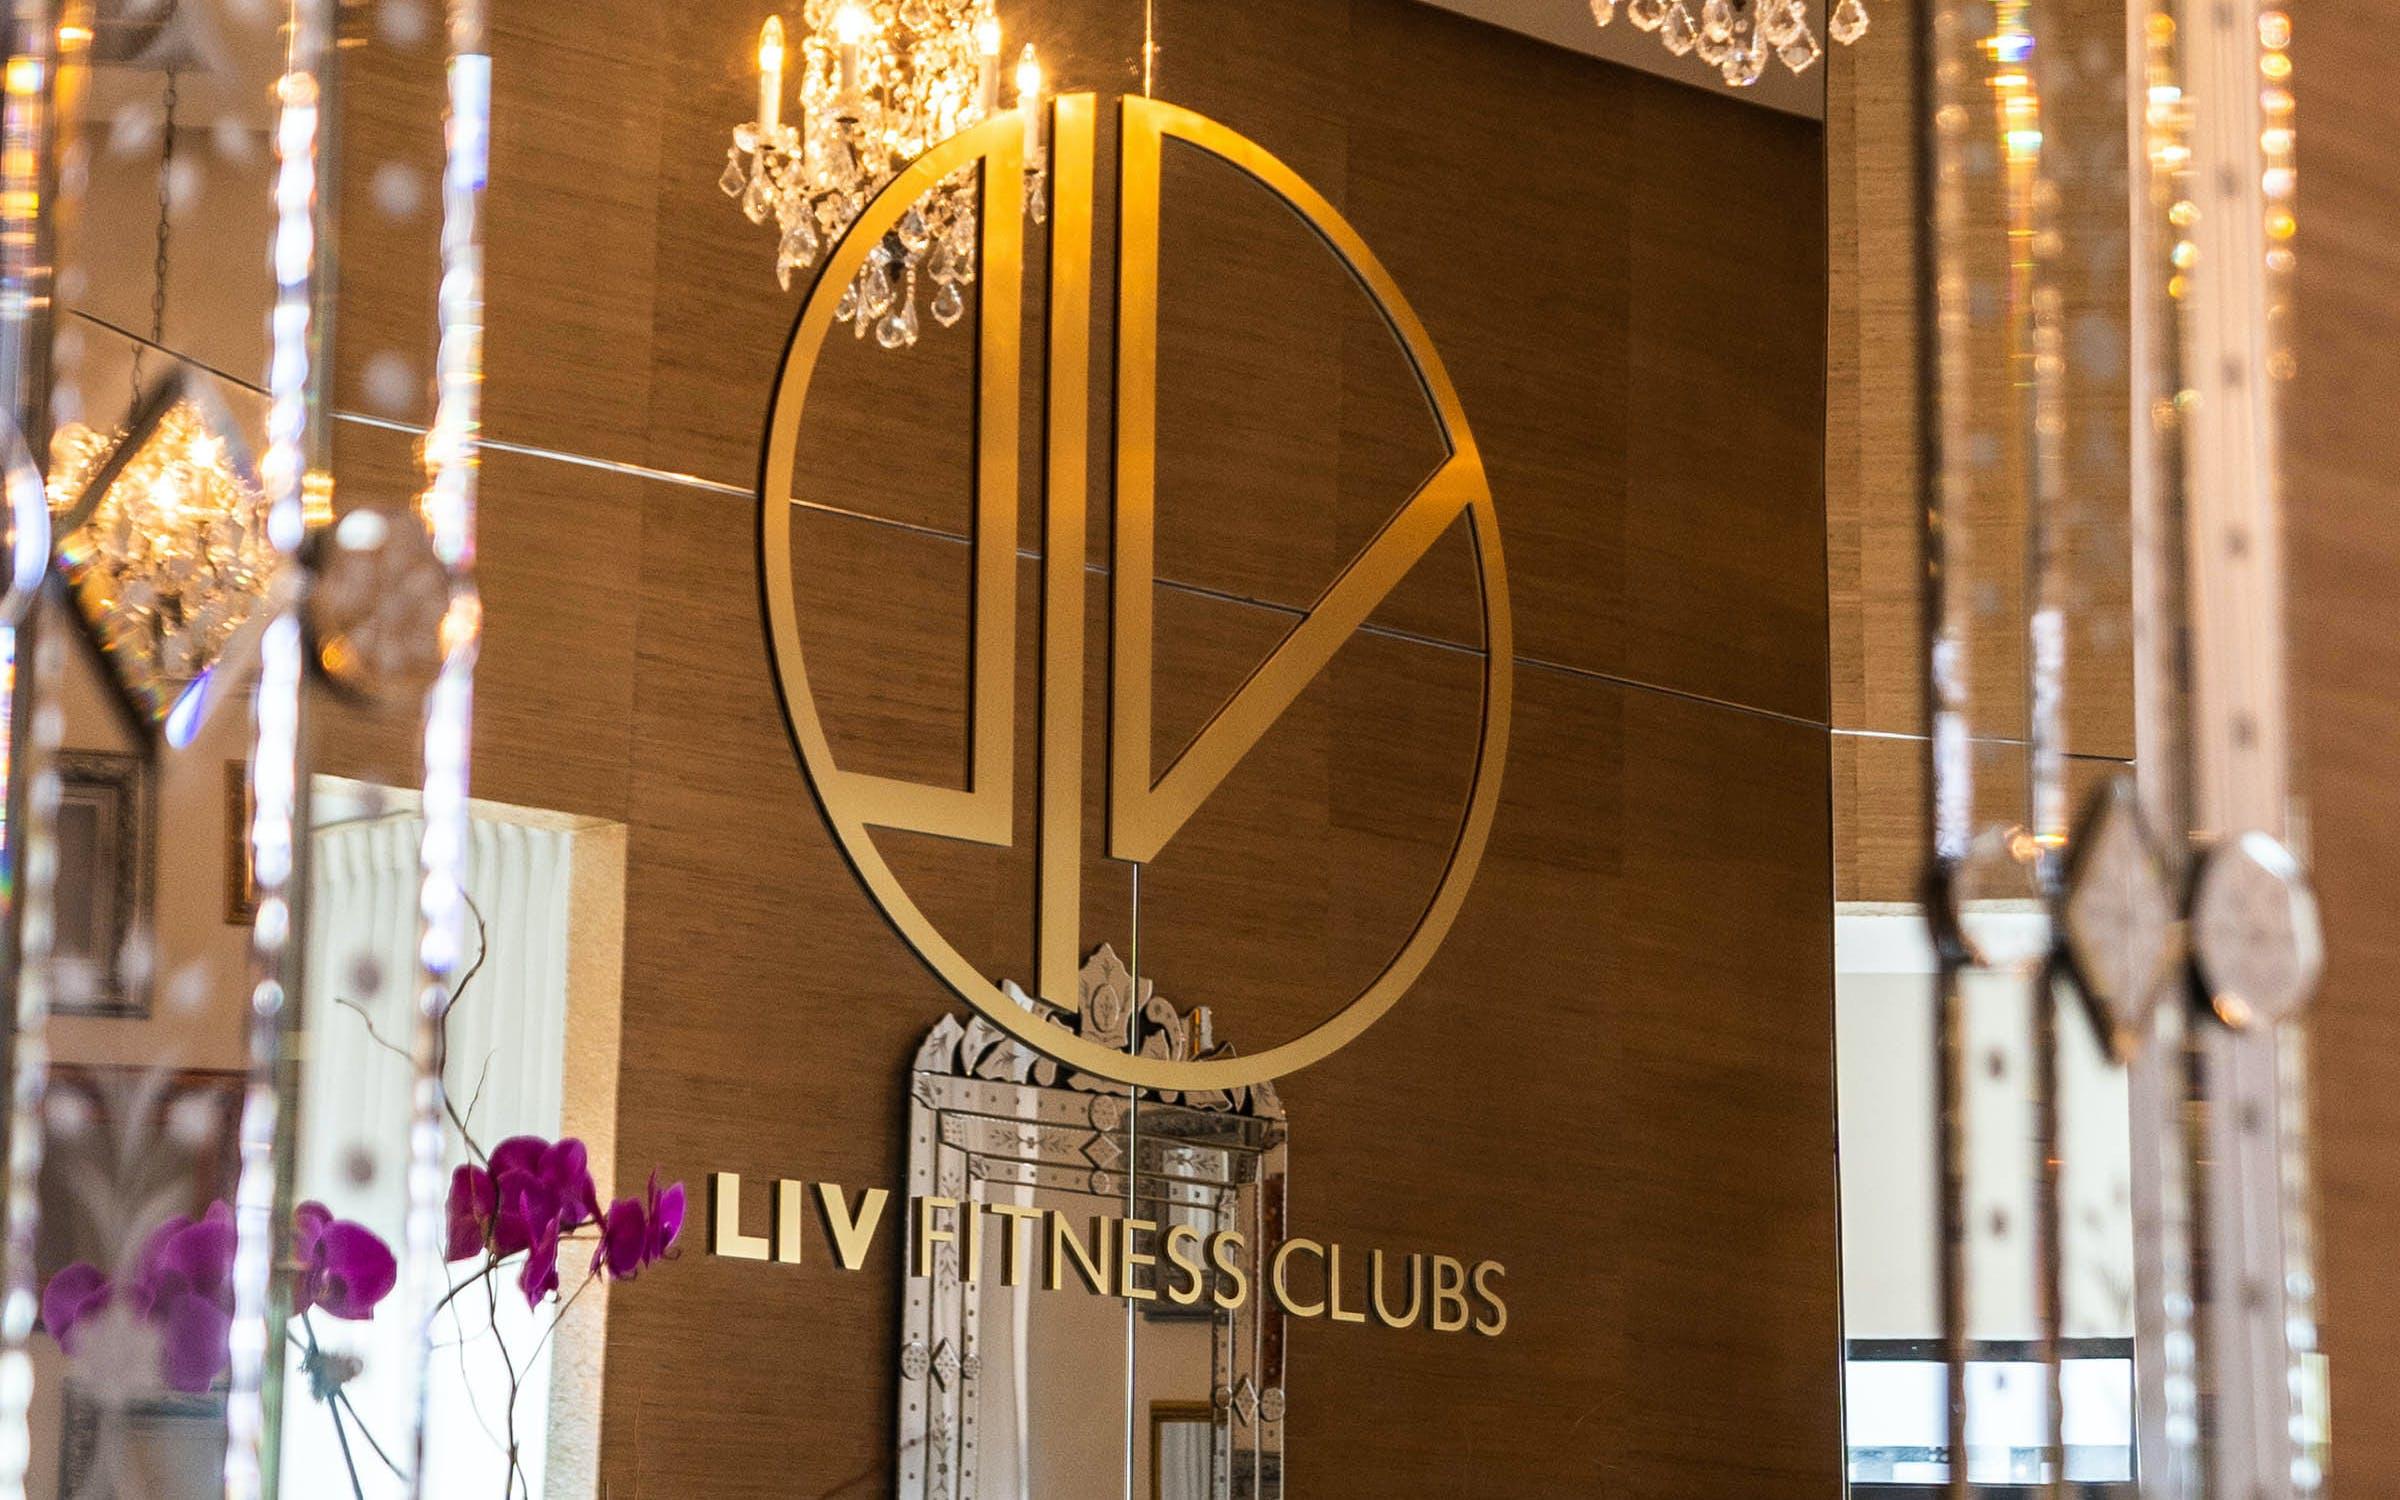 LIV Fitness - Guaynabo